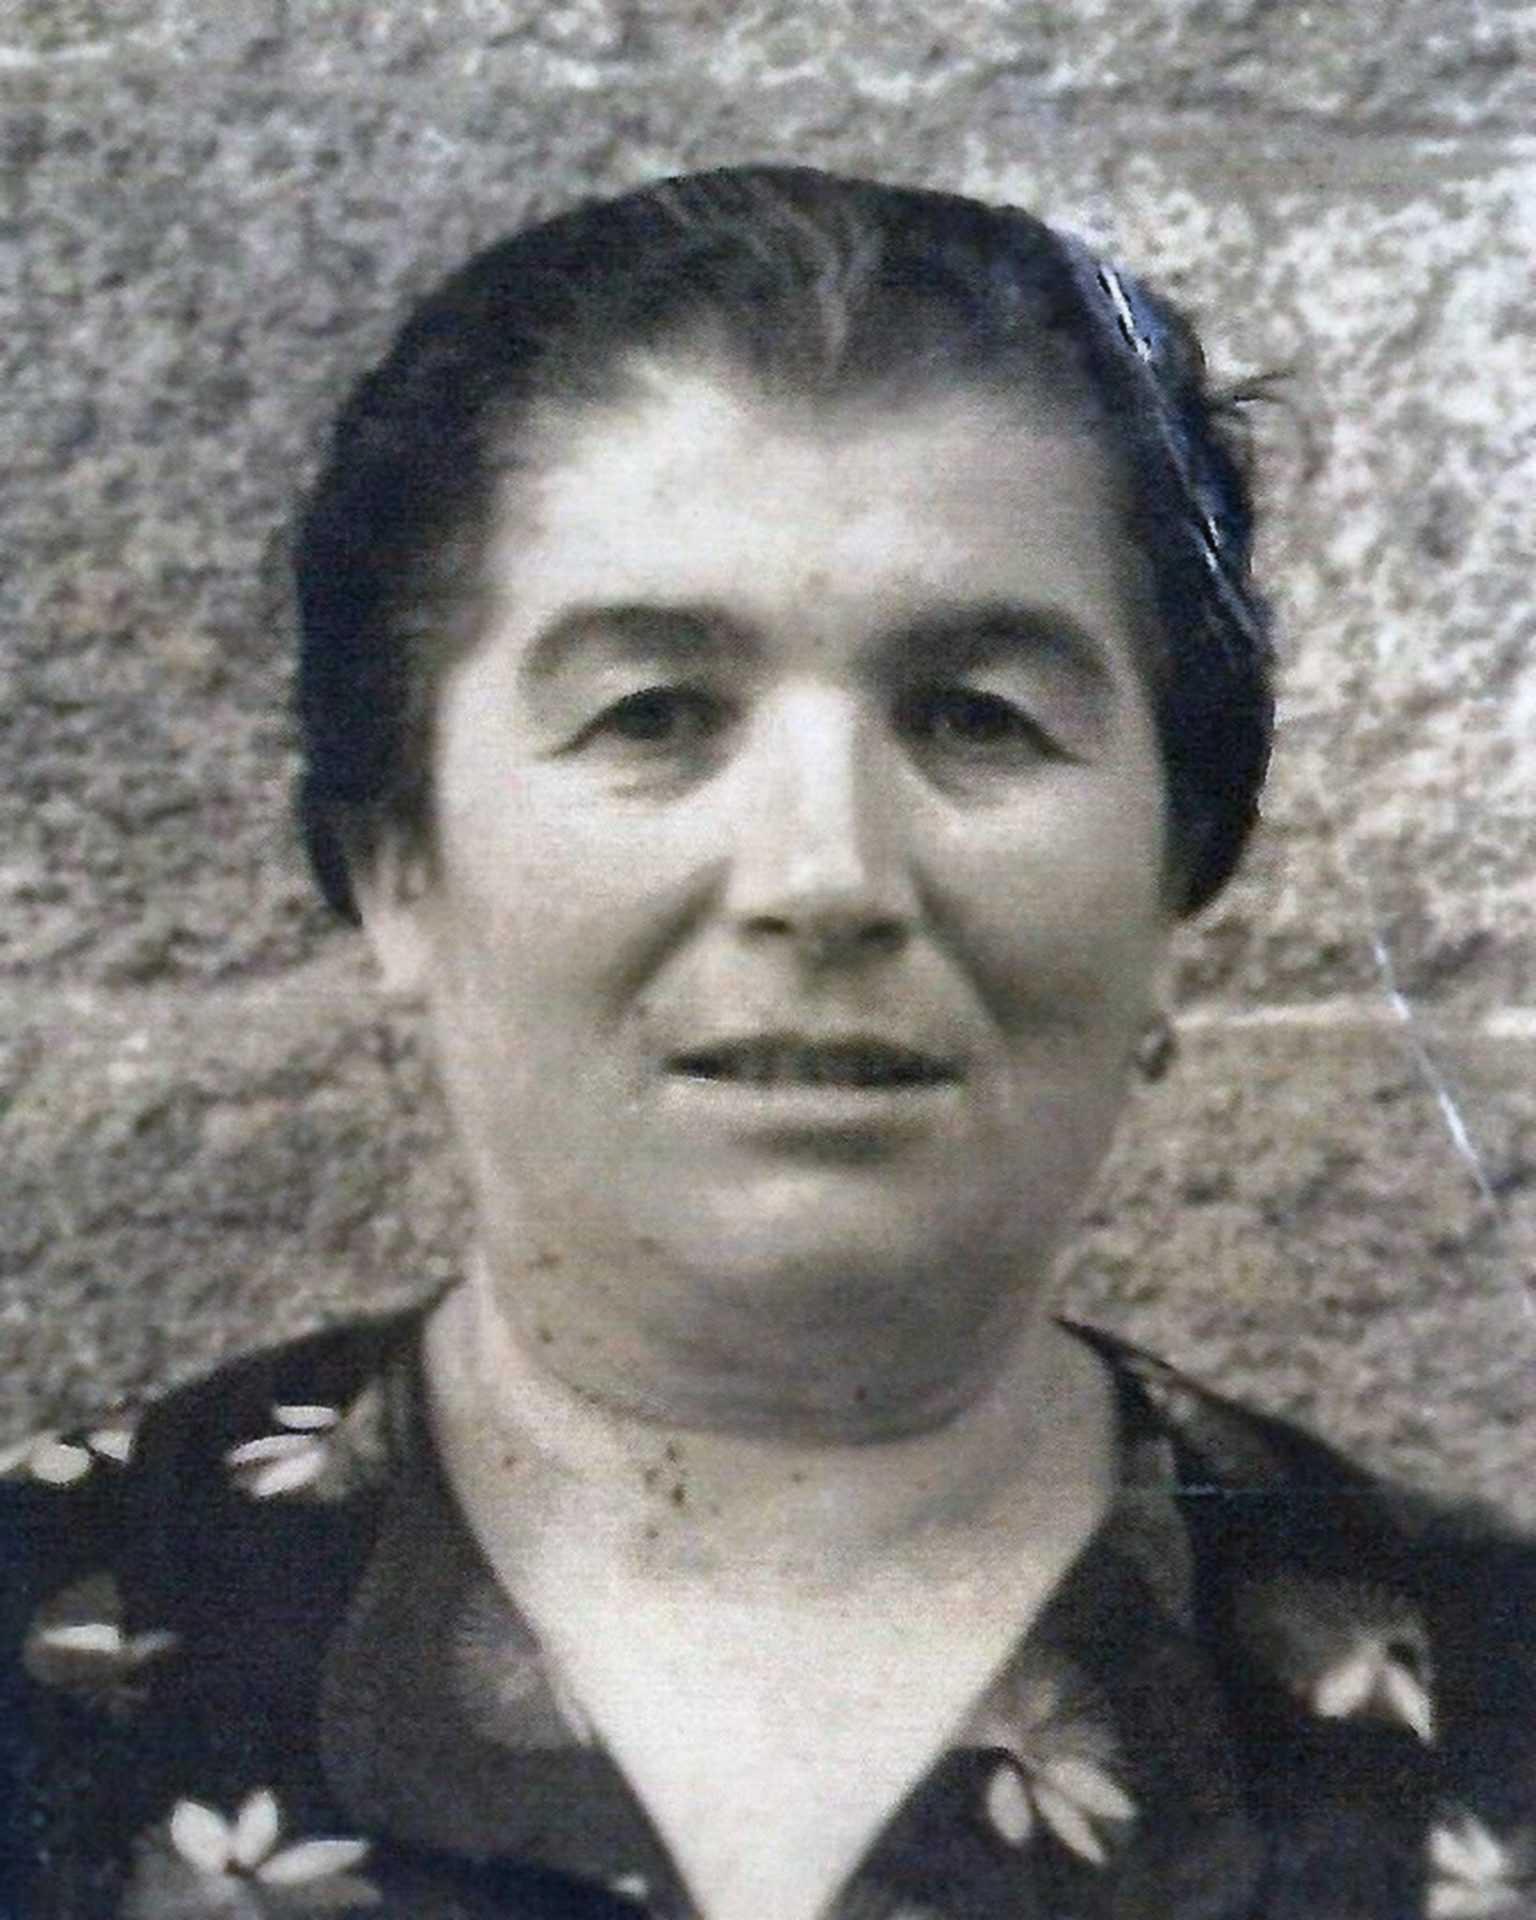 Custodia Gama Casalderrey